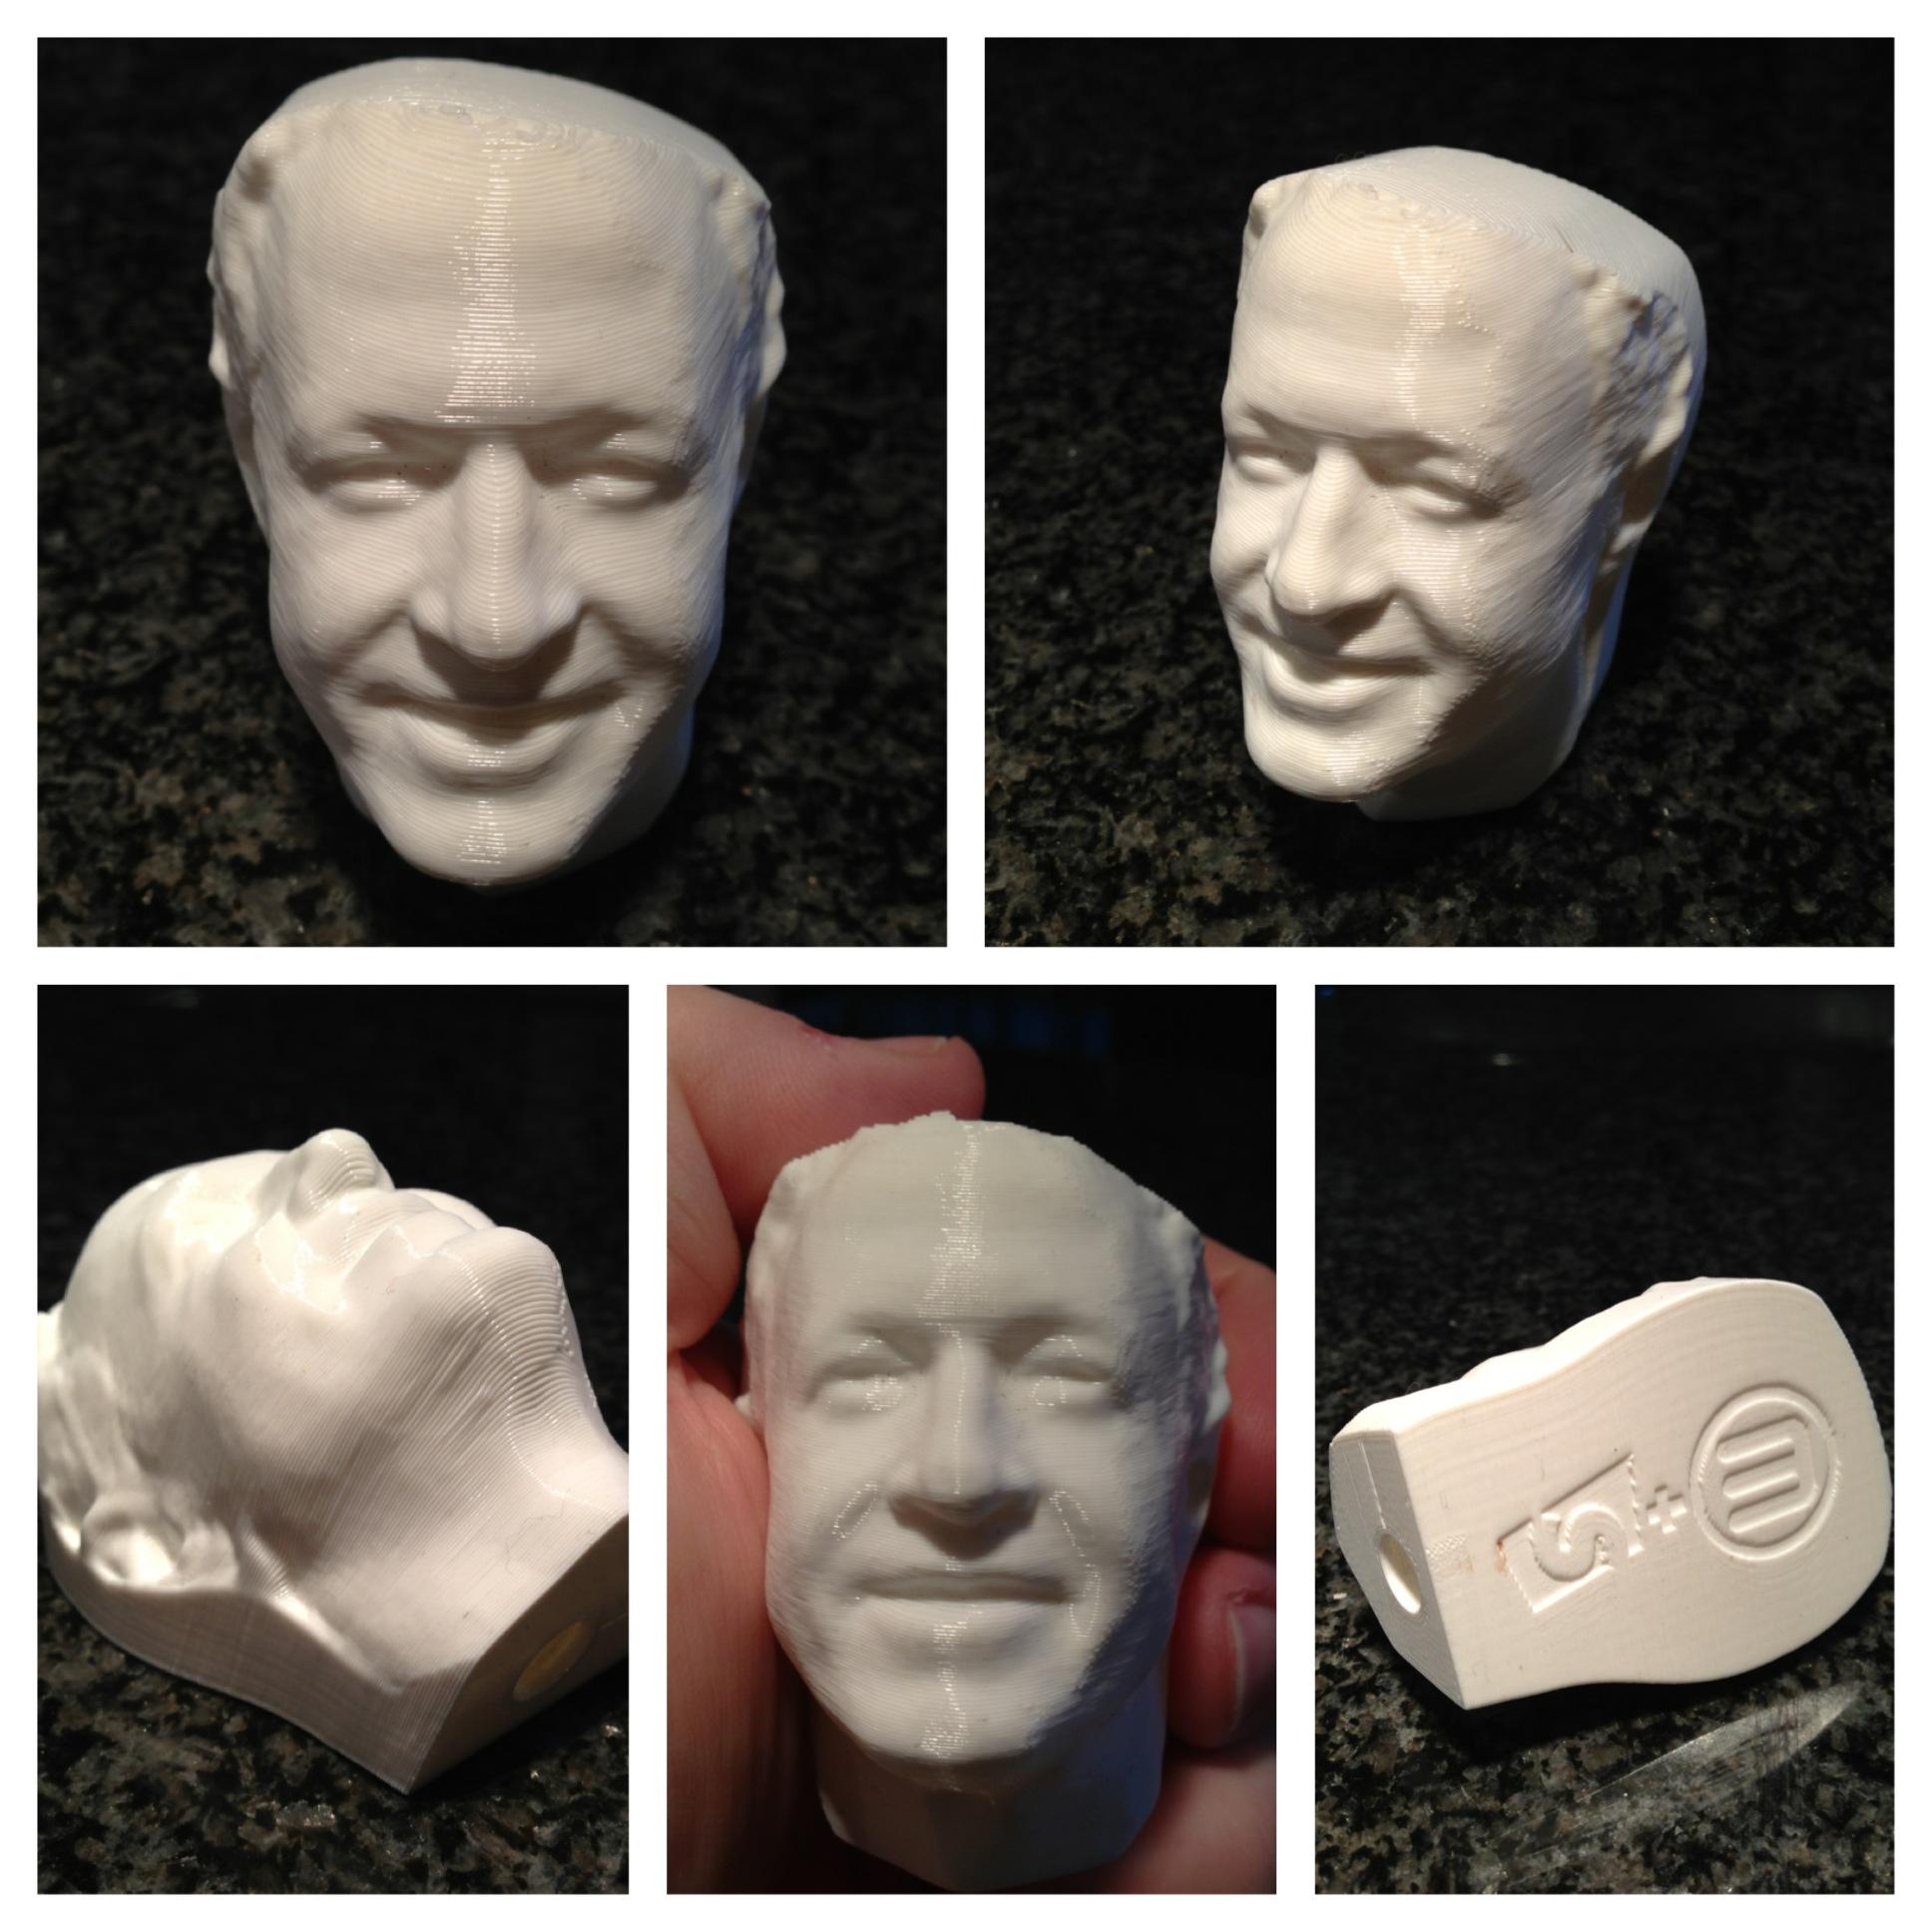 Gov. Martin O'Malley's head shots.